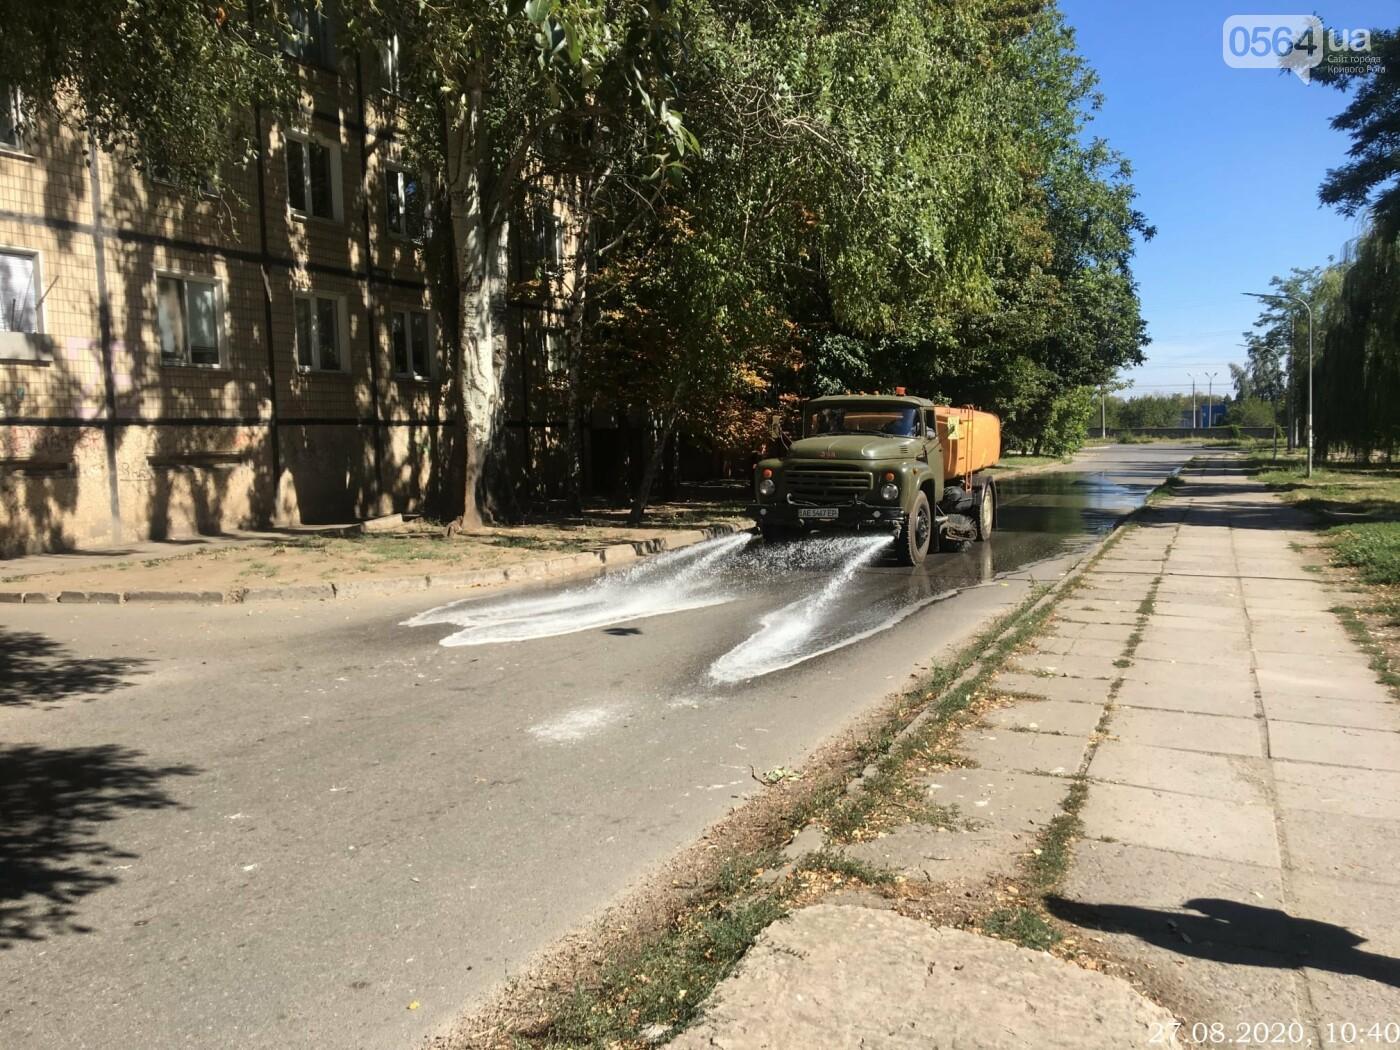 В Кривом Роге еще одно промышленное предприятие начало поливать дороги, - ФОТО , фото-1